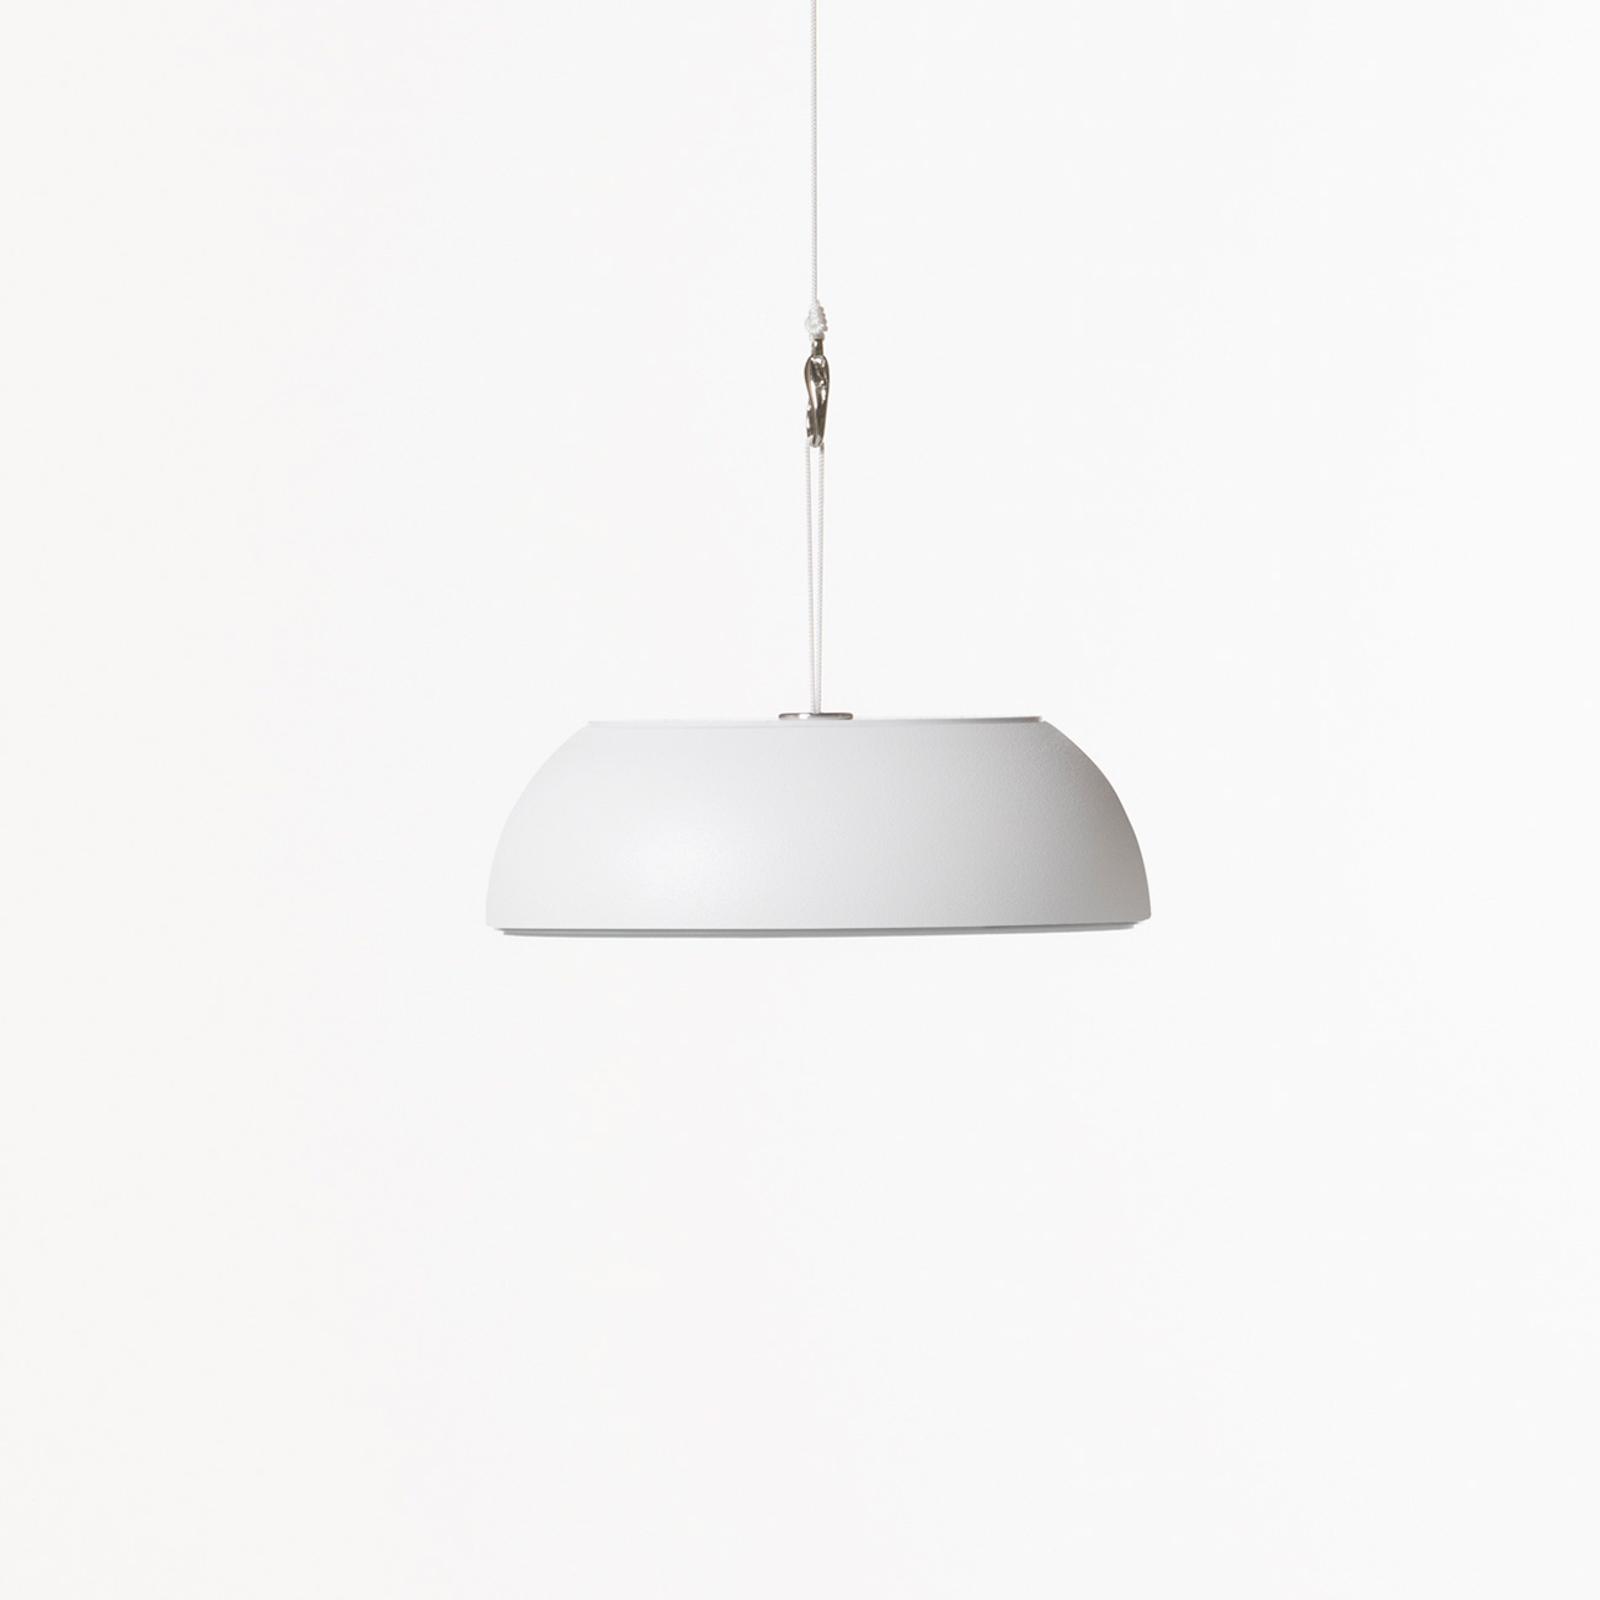 Axolight Float LED-riippuvalaisin, valkoinen